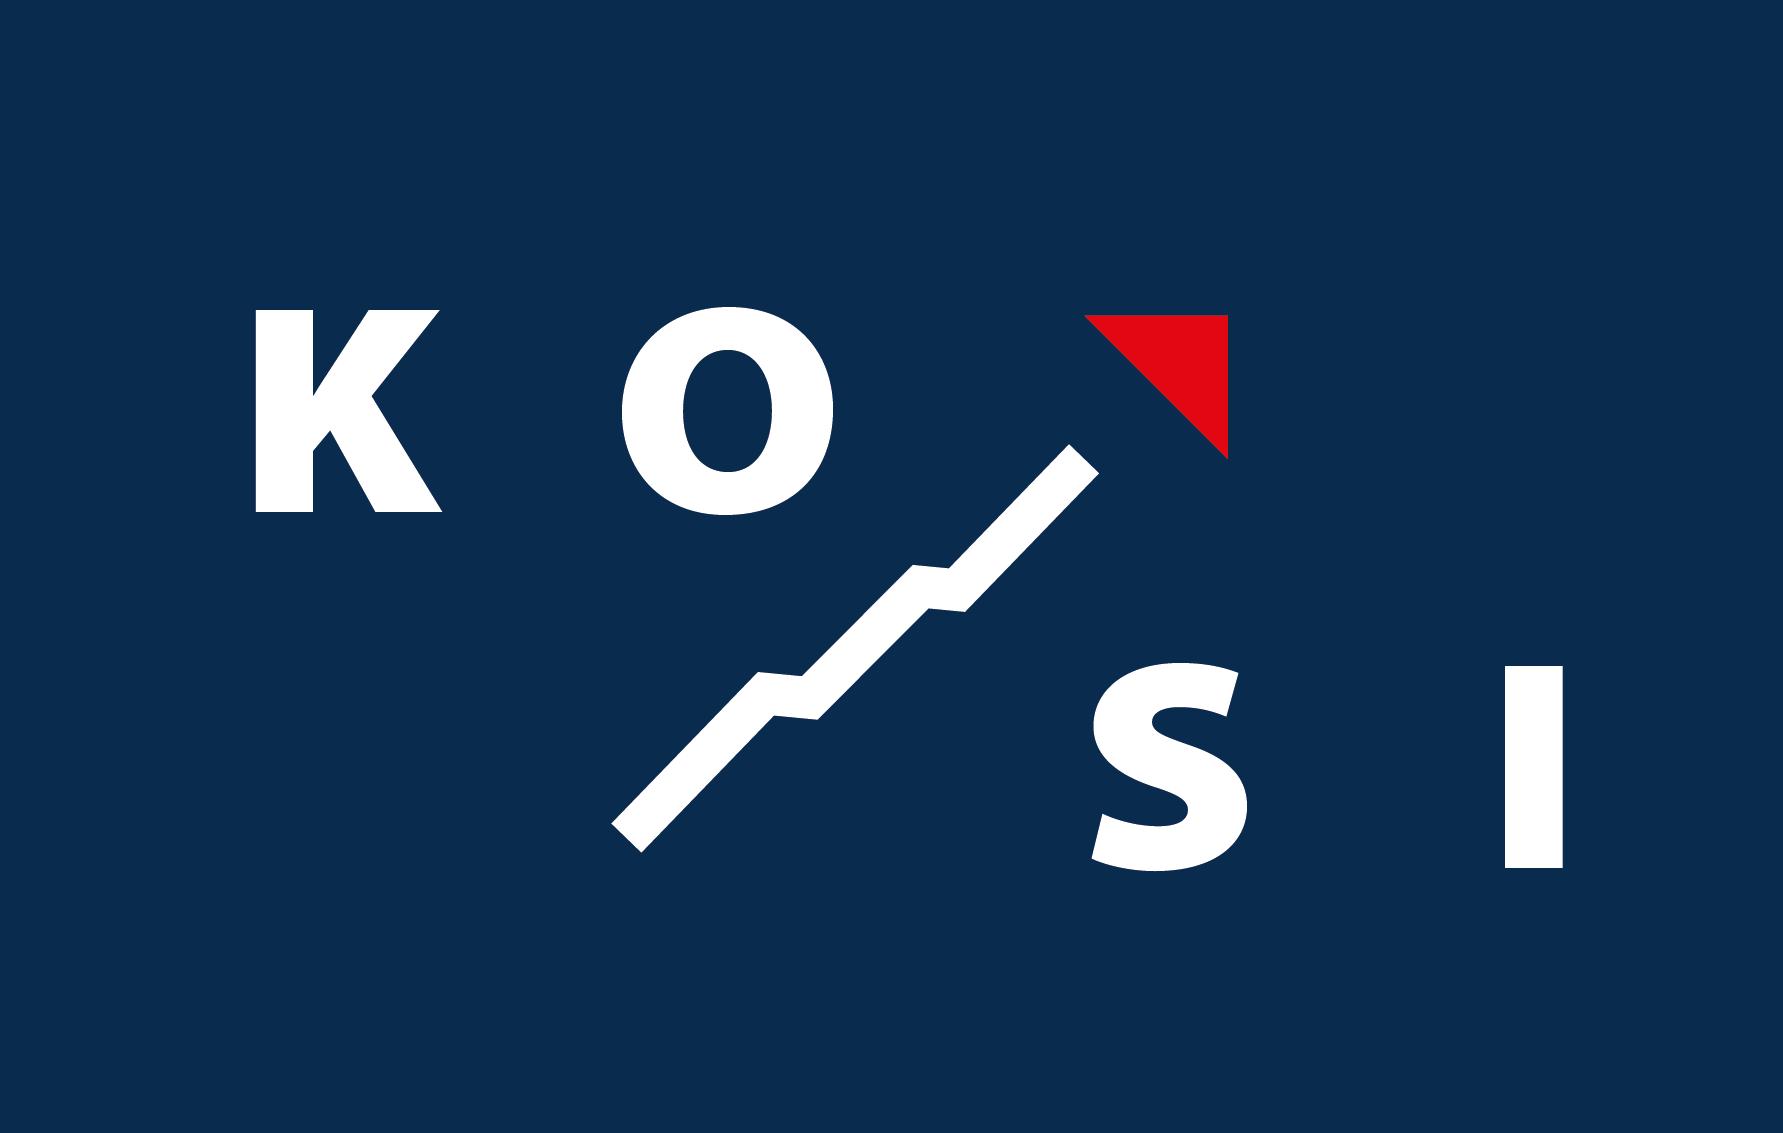 Unternehmertreffen Nordwest Logo kosi finanz